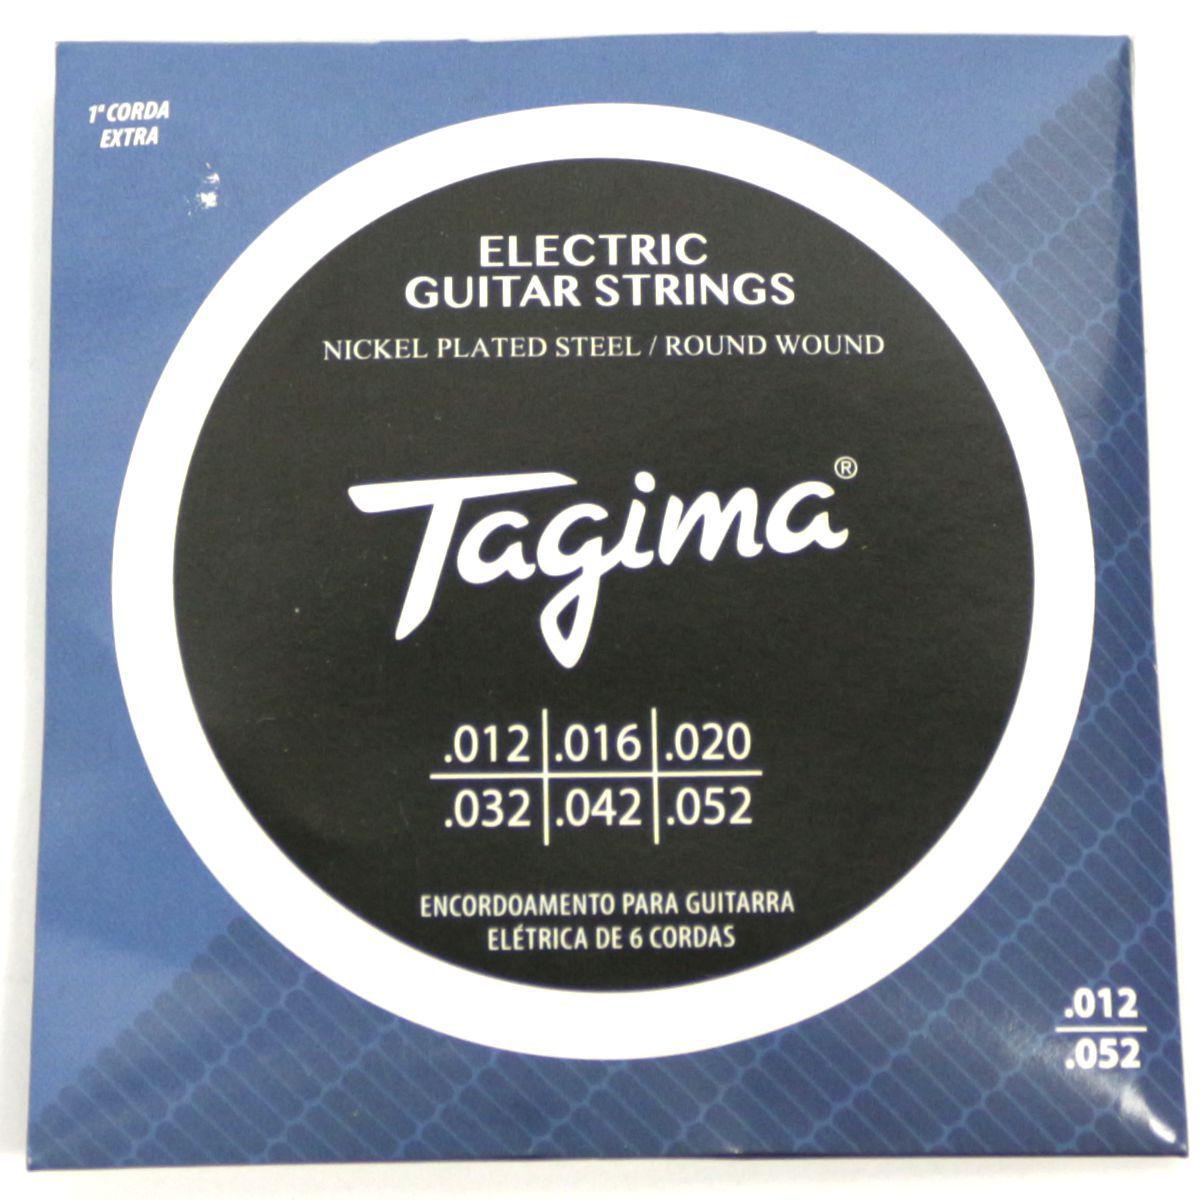 Encordoamento para Guitarra 012 Tagima - TGT-012